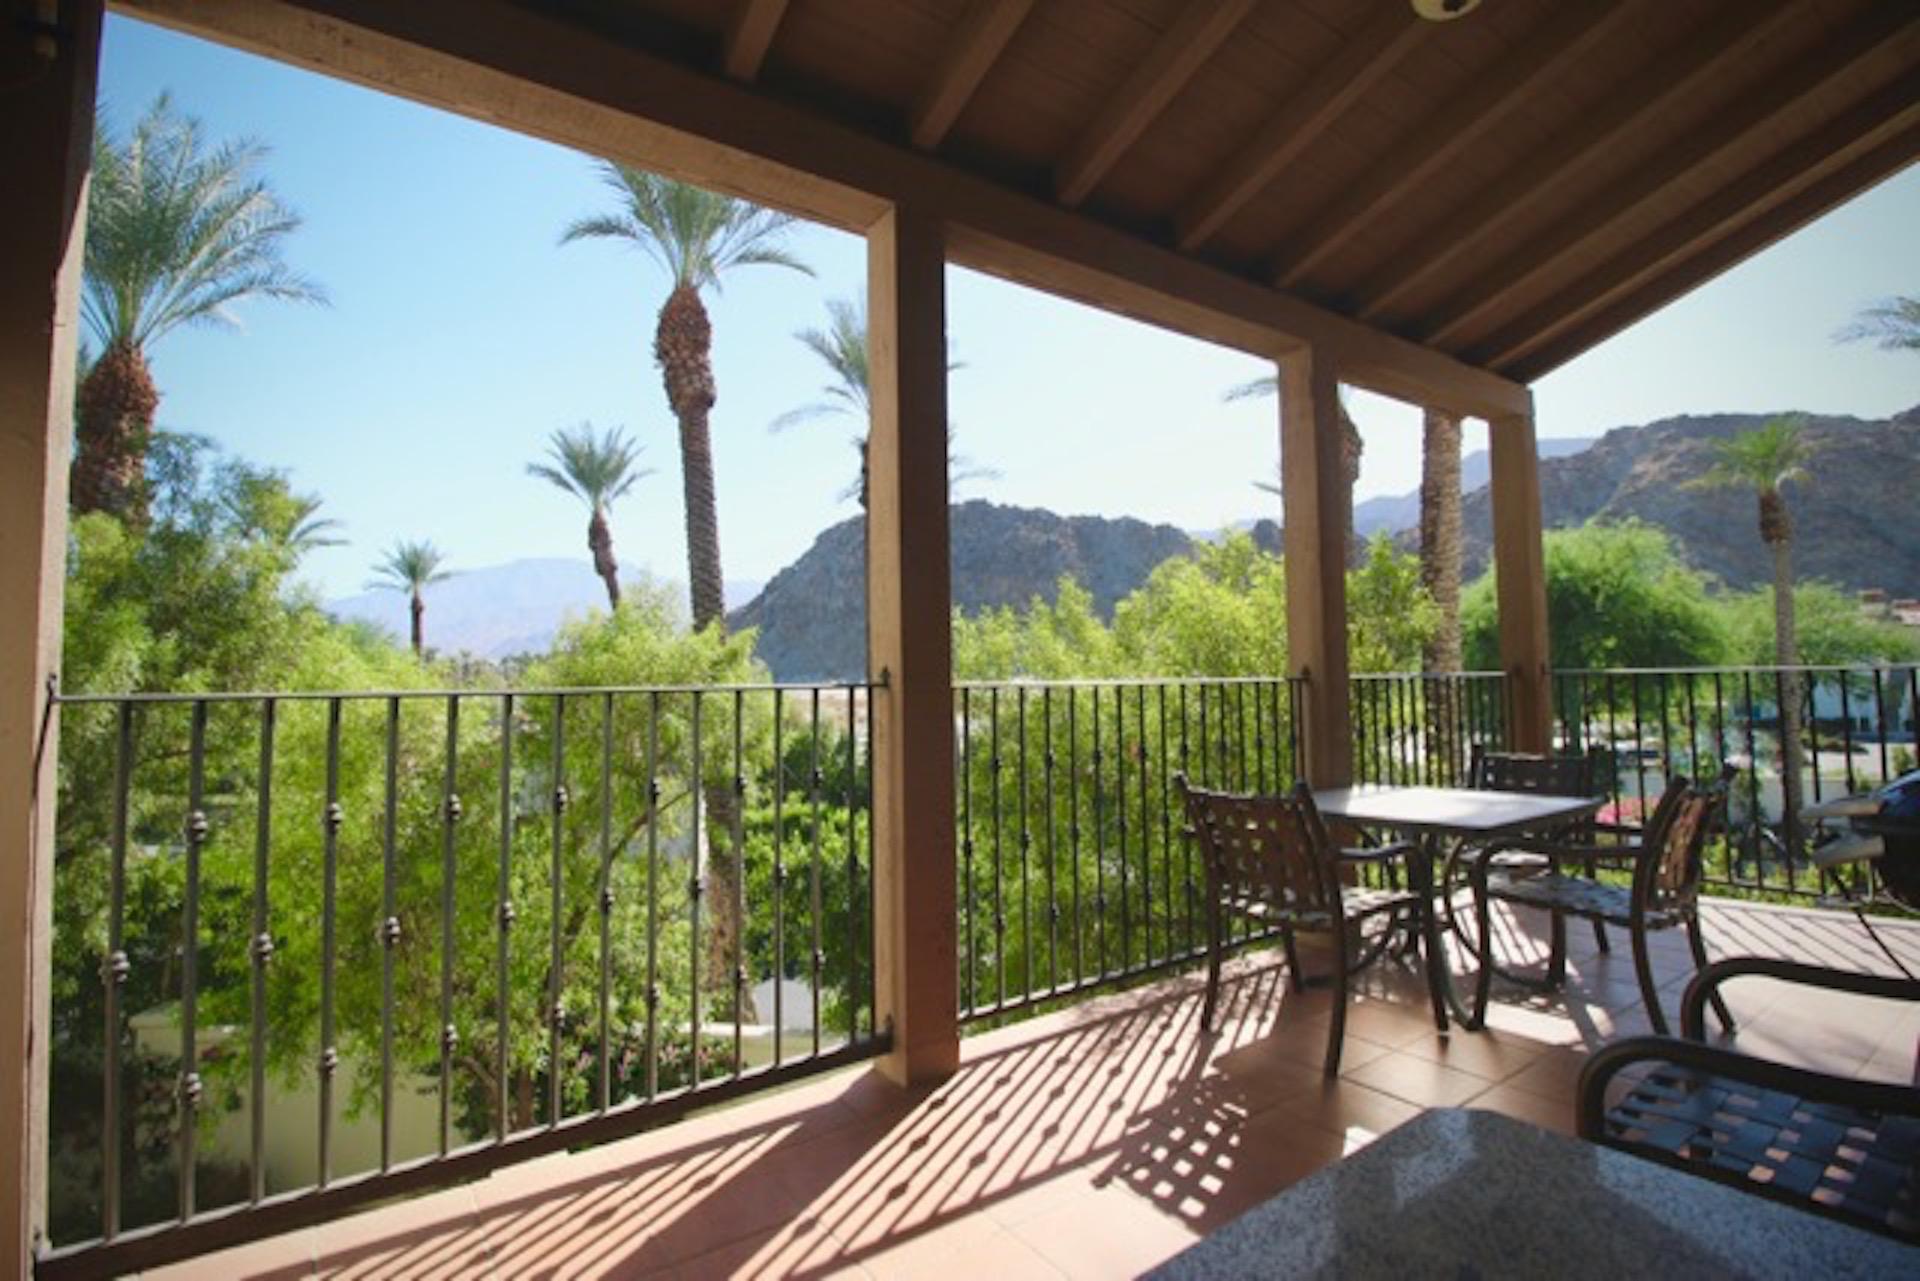 3br/3ba upper-level villa (La Quinta, CA)